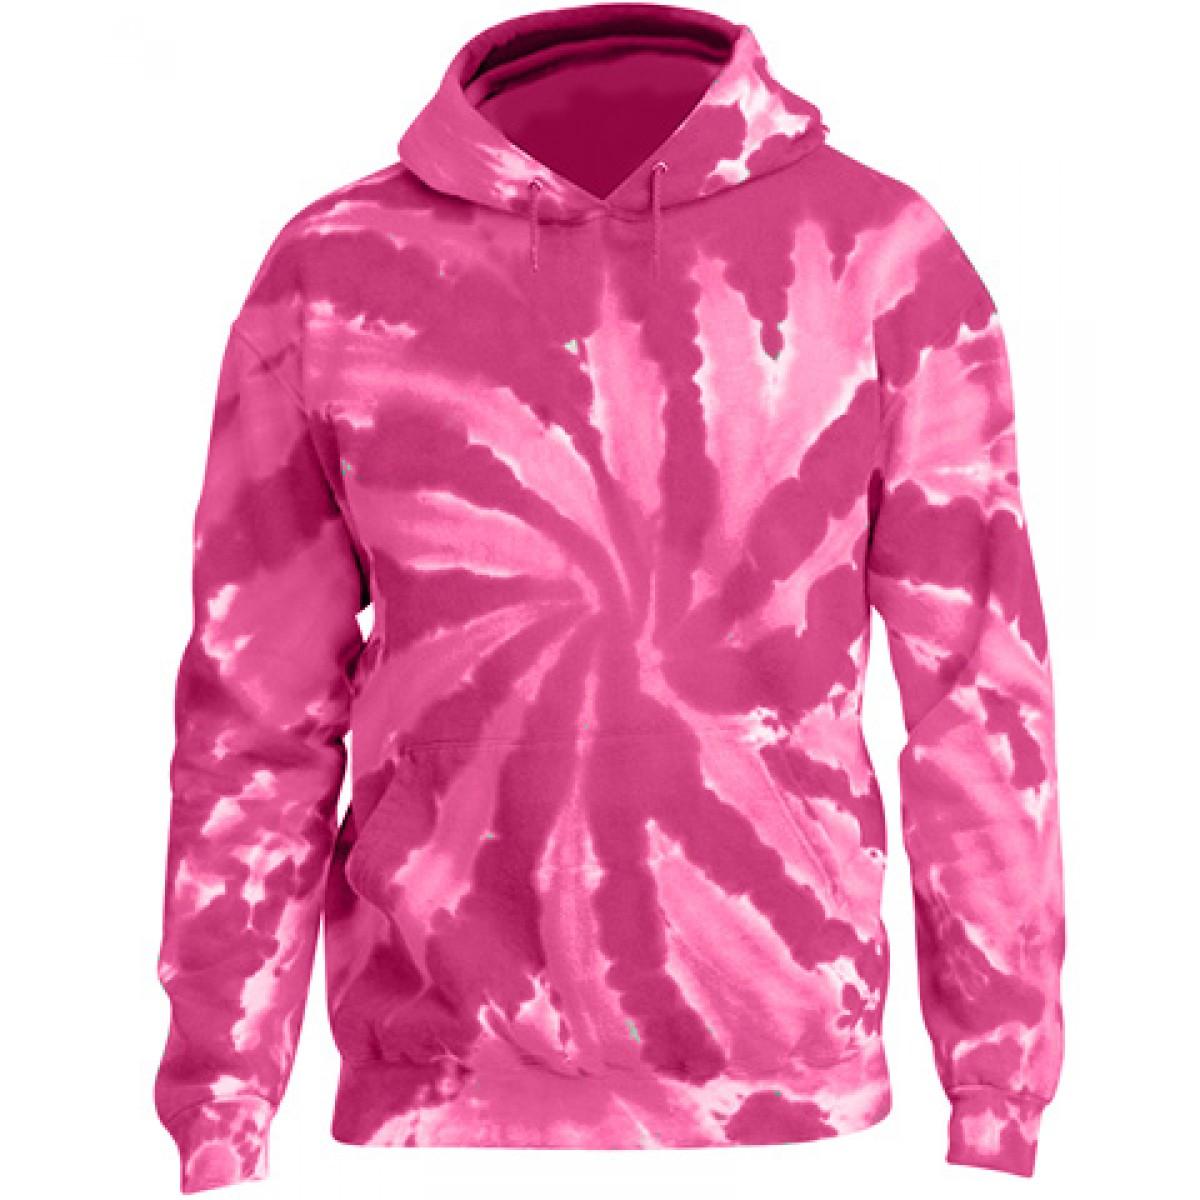 Tie-Dye Pullover Hooded Sweatshirt-Pink-YL